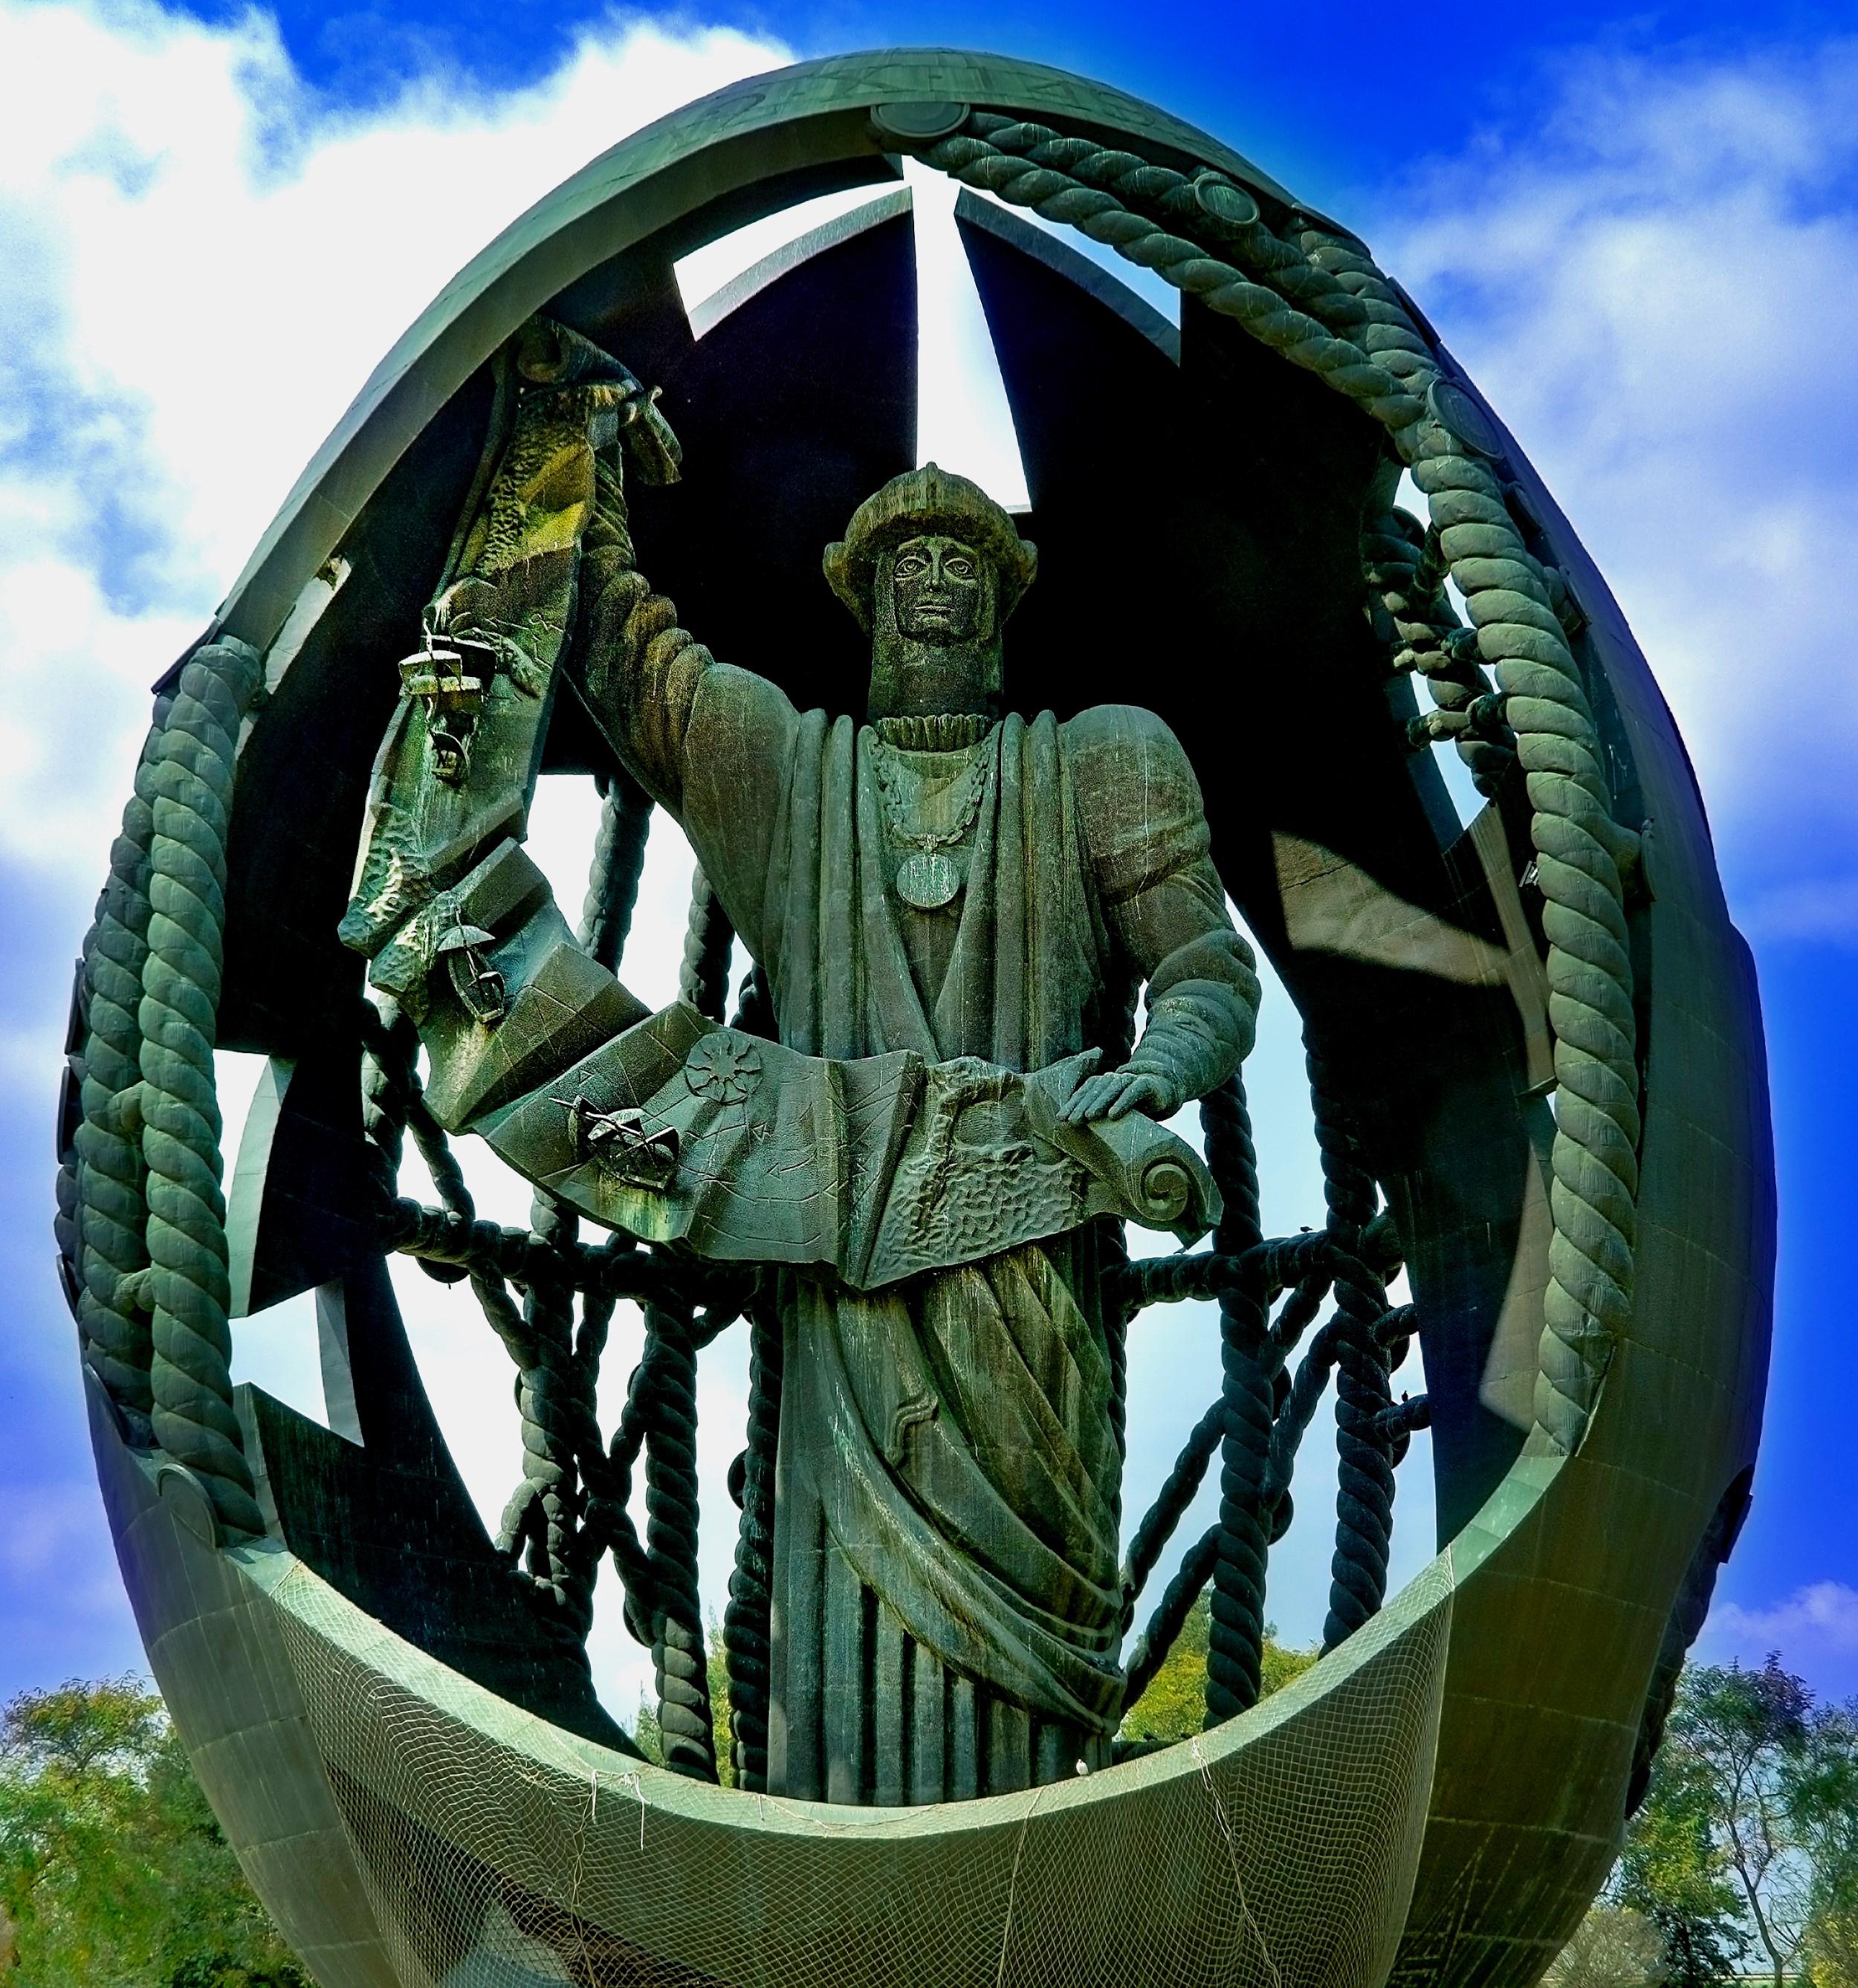 Das Ei des Kolumbus oder wie Wagniskapital heute ganz anders entsteht venture capital nie mehr wie früher Heinz J Hafner